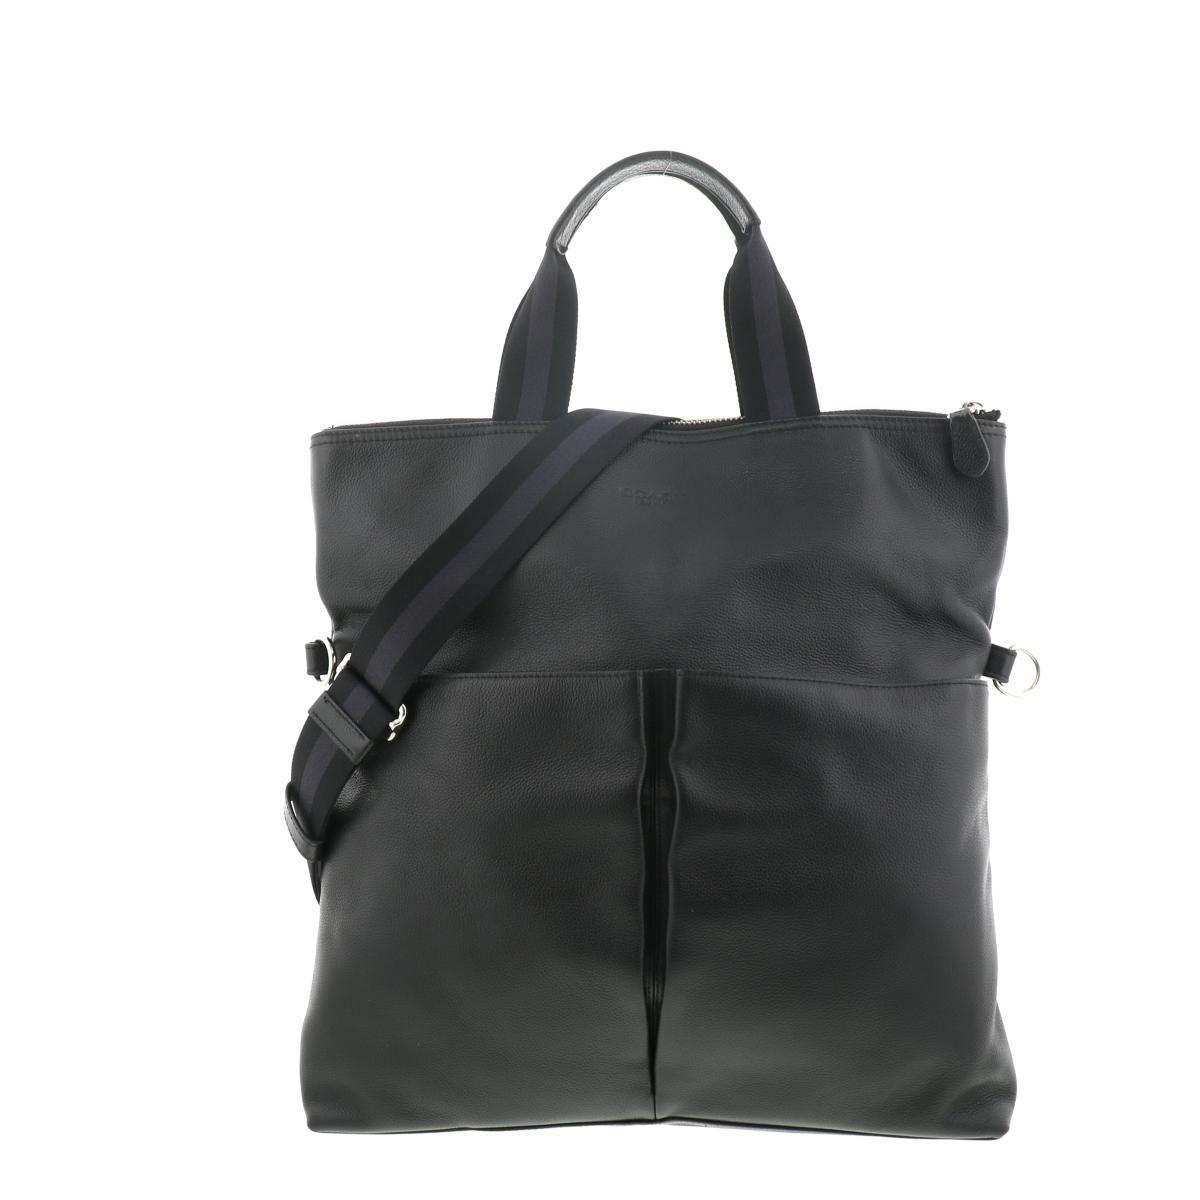 即日発送 新品 ラッピング無料 COACH コーチ サリバン F54759 トートバッグ メッセンジャーバッグ 中古 2WAY 贈与 Lether Black Coach USED: Bag Mens A Messenger Sullivan ブラック